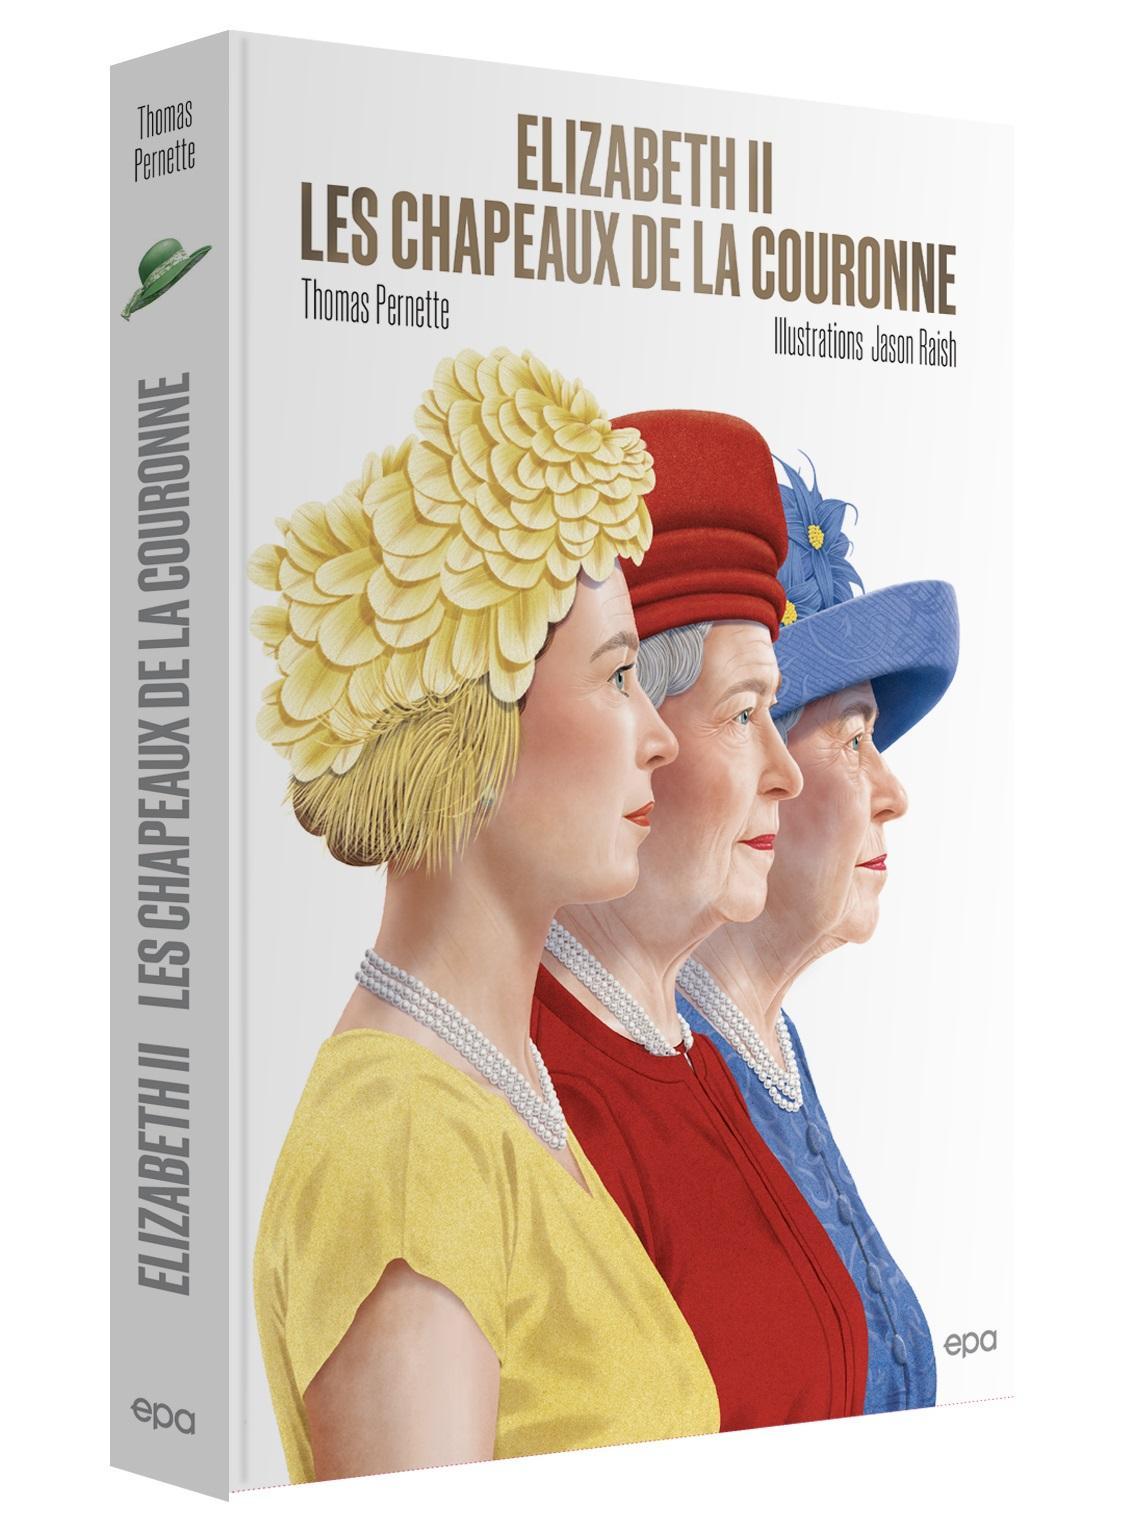 Visuel 3d elizabeth 2 chapeaux couronne copie